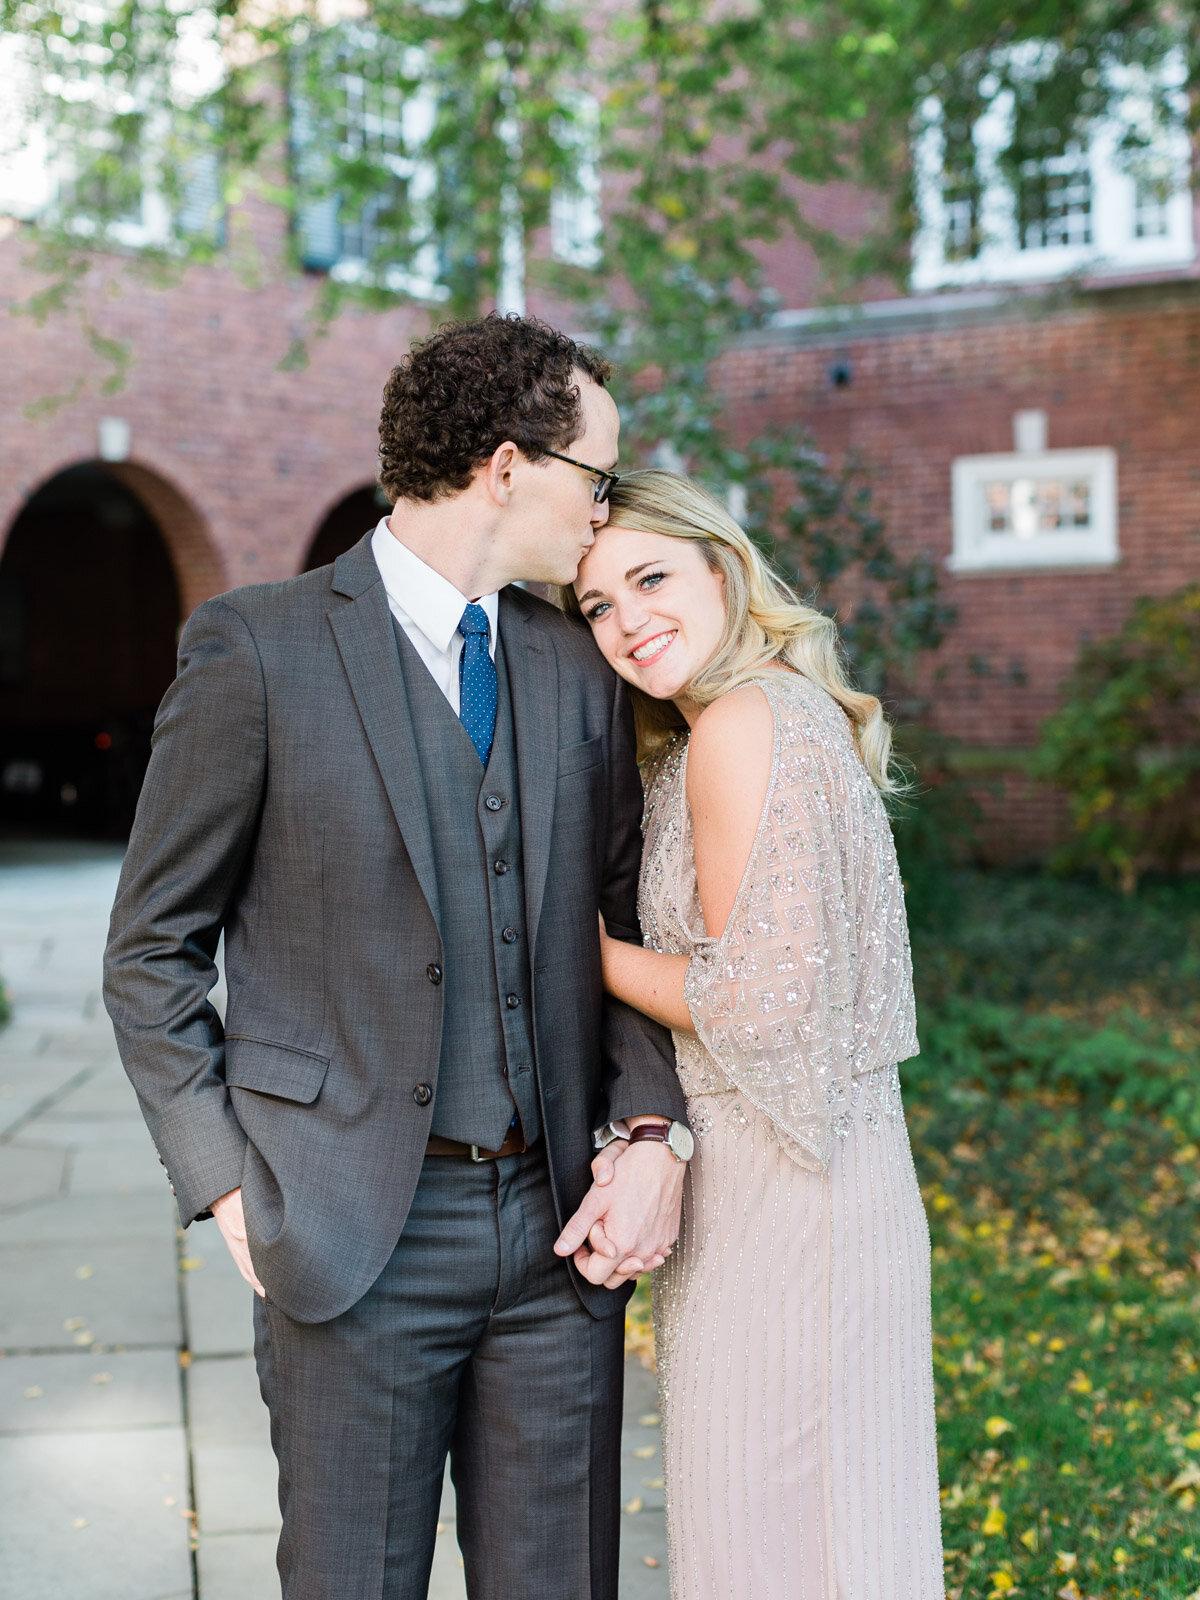 Fashionable Yale Engagement Photos-2.jpg